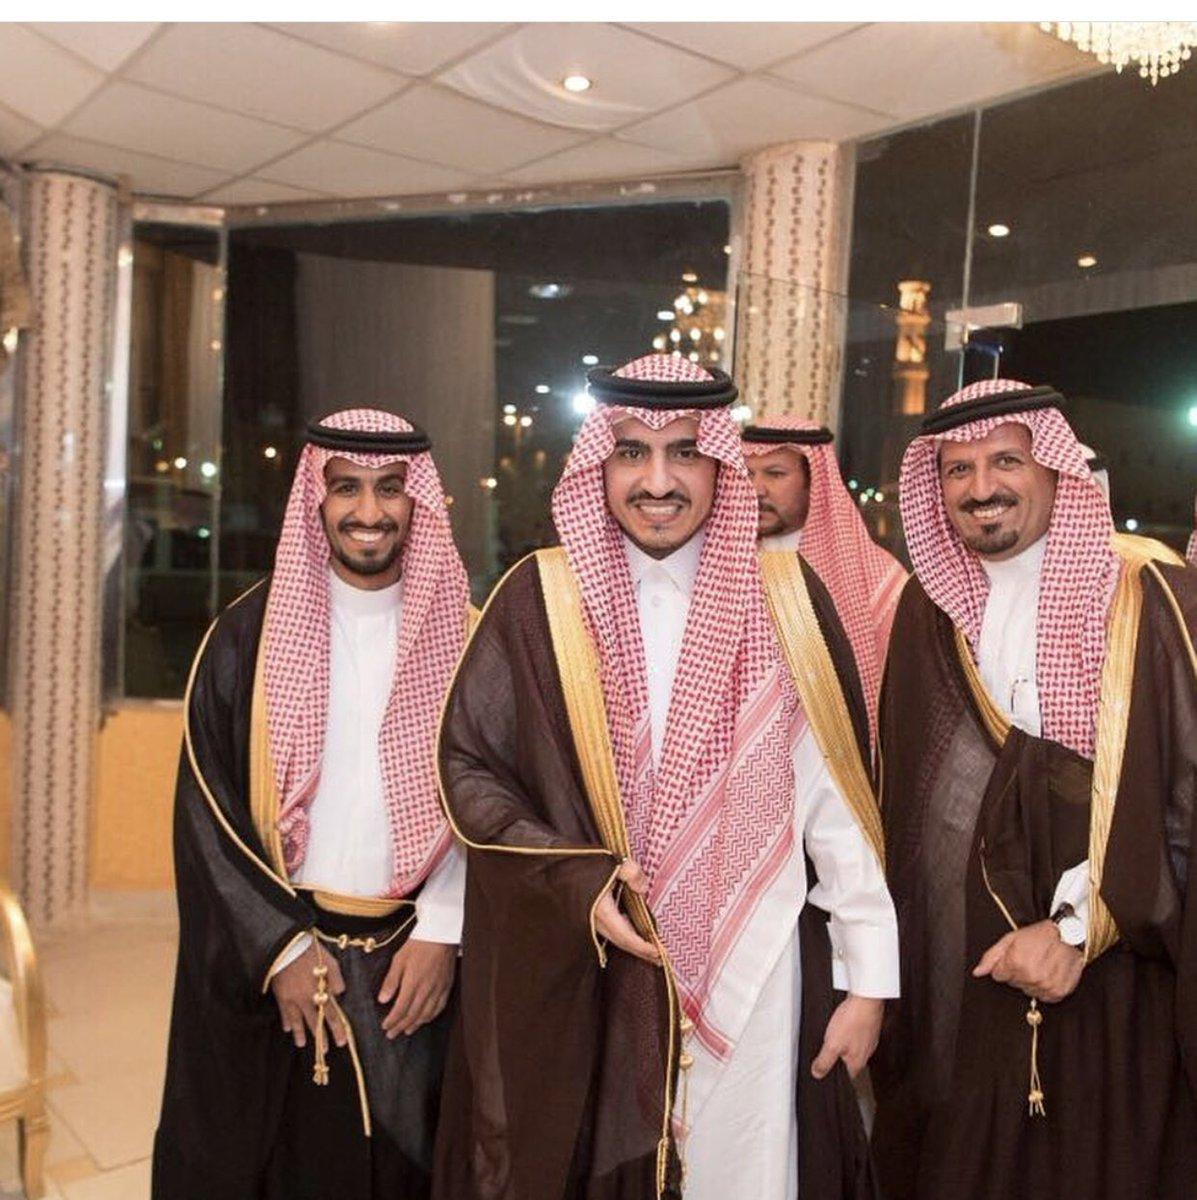 احمد الشراري Twitter પર صاحب السمو الملكي الأمير بدر بن سلطان بن عبدالعزيز آل سعود أمير منطقة الجوف في زواج المهندس نايف بن بدر الجريد الشراري ليلة البارحة Https T Co 1kaypdobva